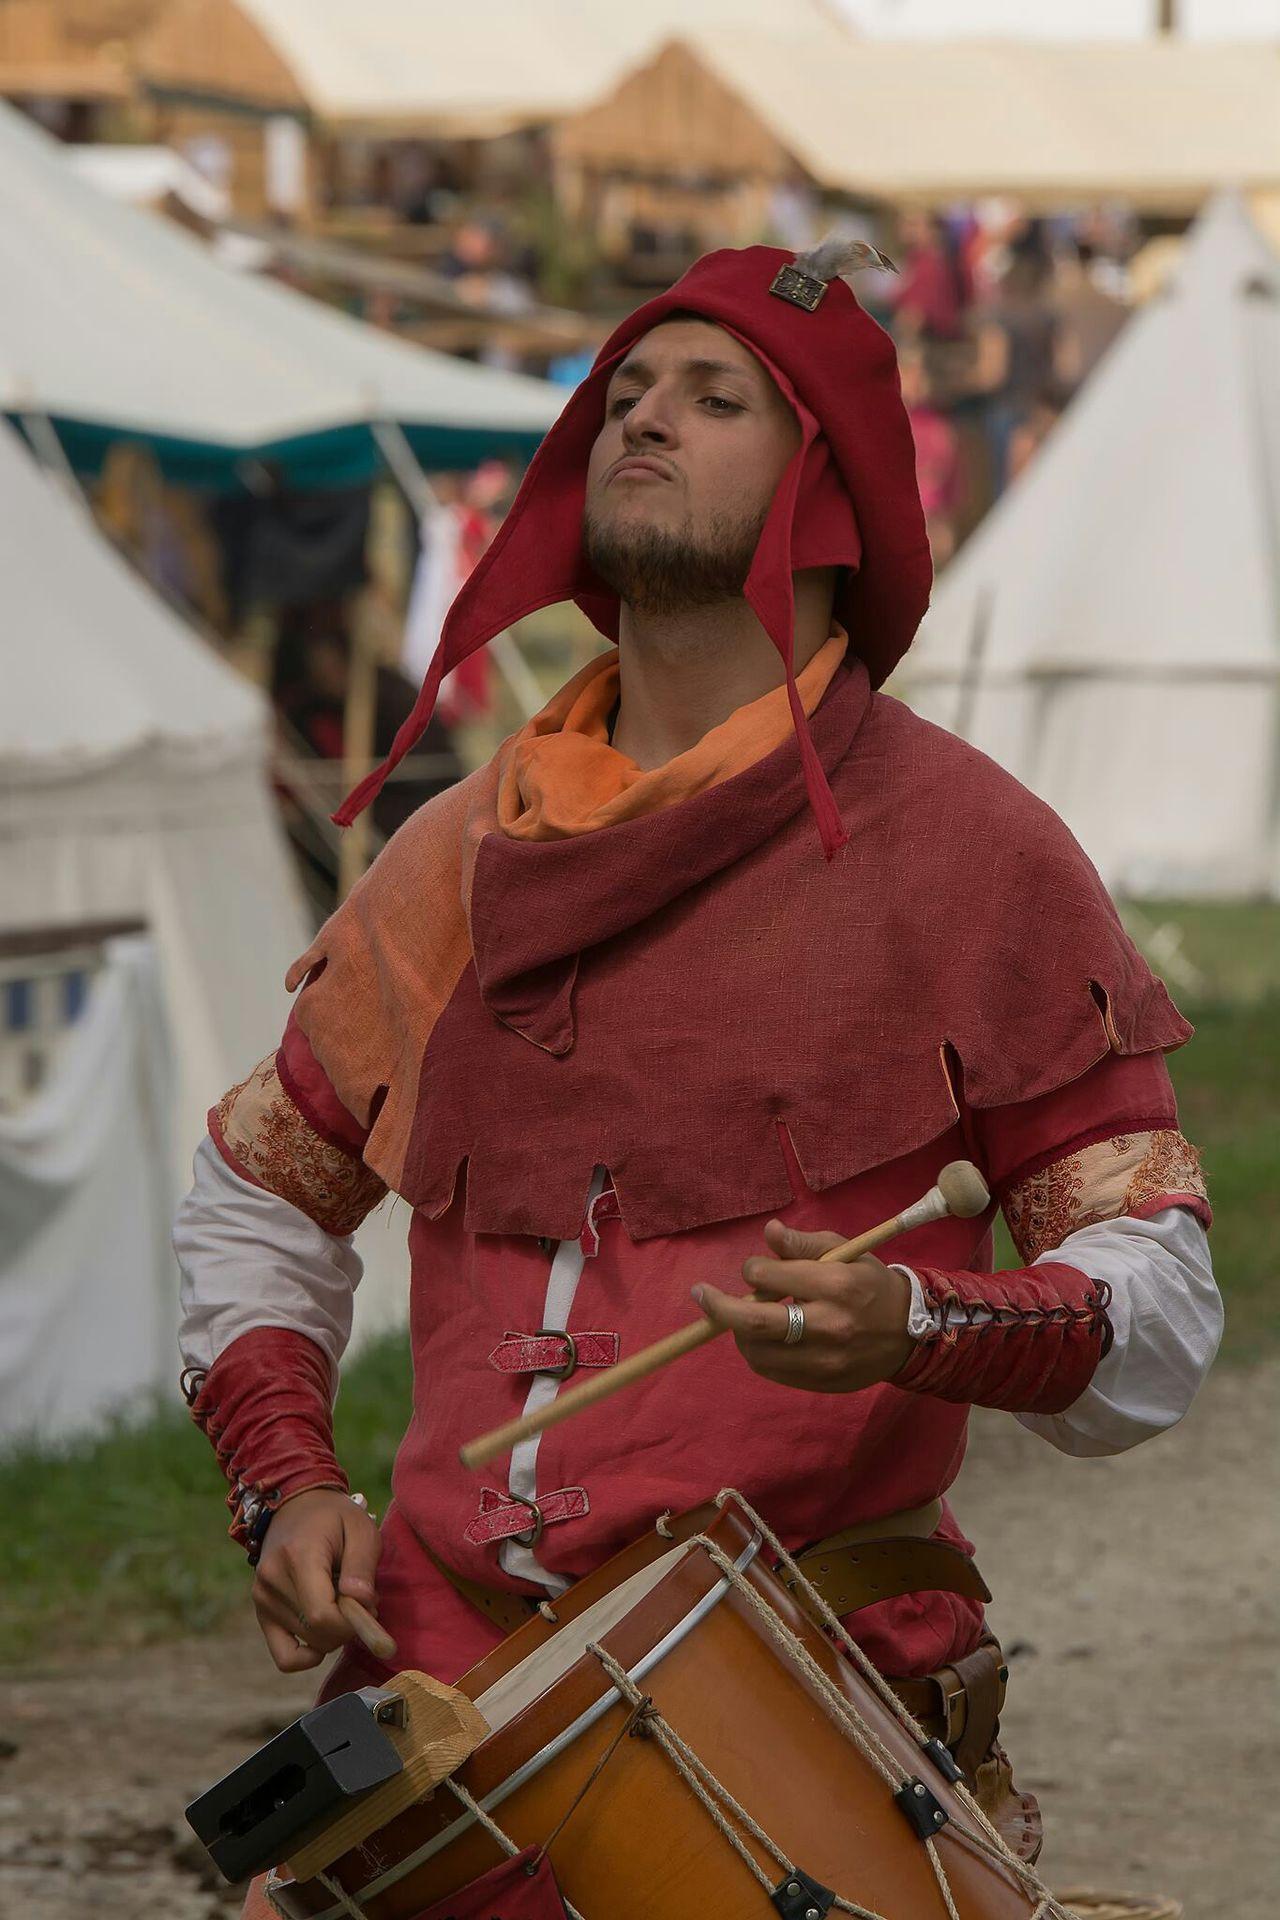 Trouvère Troubadour Musician Musicien Tambours Drums Ménestrel Moyen âge Medievale Middle Ages